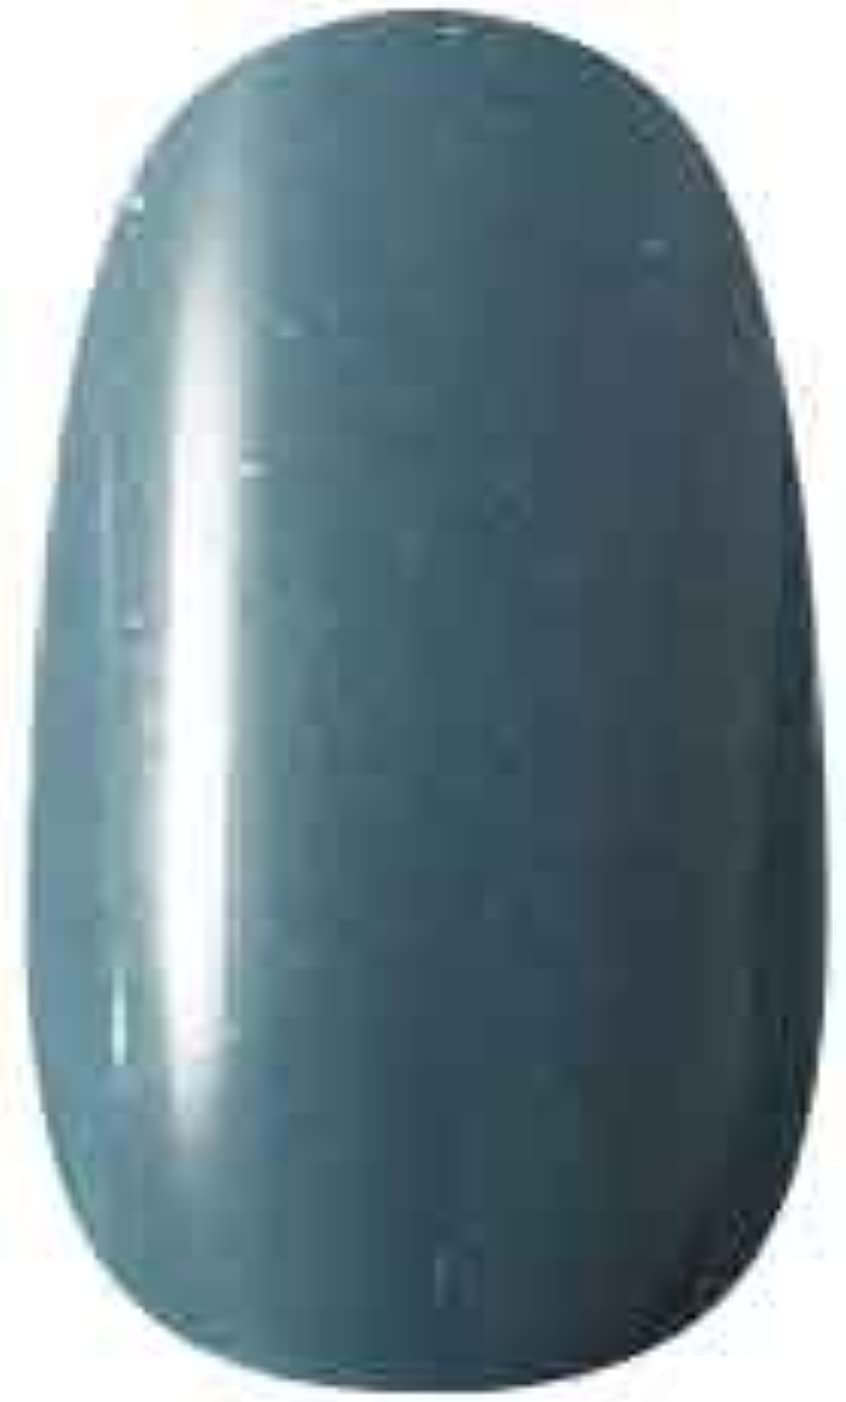 艶とんでもない特派員ラク カラージェル(79-ソウシネーズ) 8g 今話題のラクジェル 素早く仕上カラージェル 抜群の発色とツヤ 国産ポリッシュタイプ オールインワン ワンステップジェルネイル RAKU COLOR GEL #79